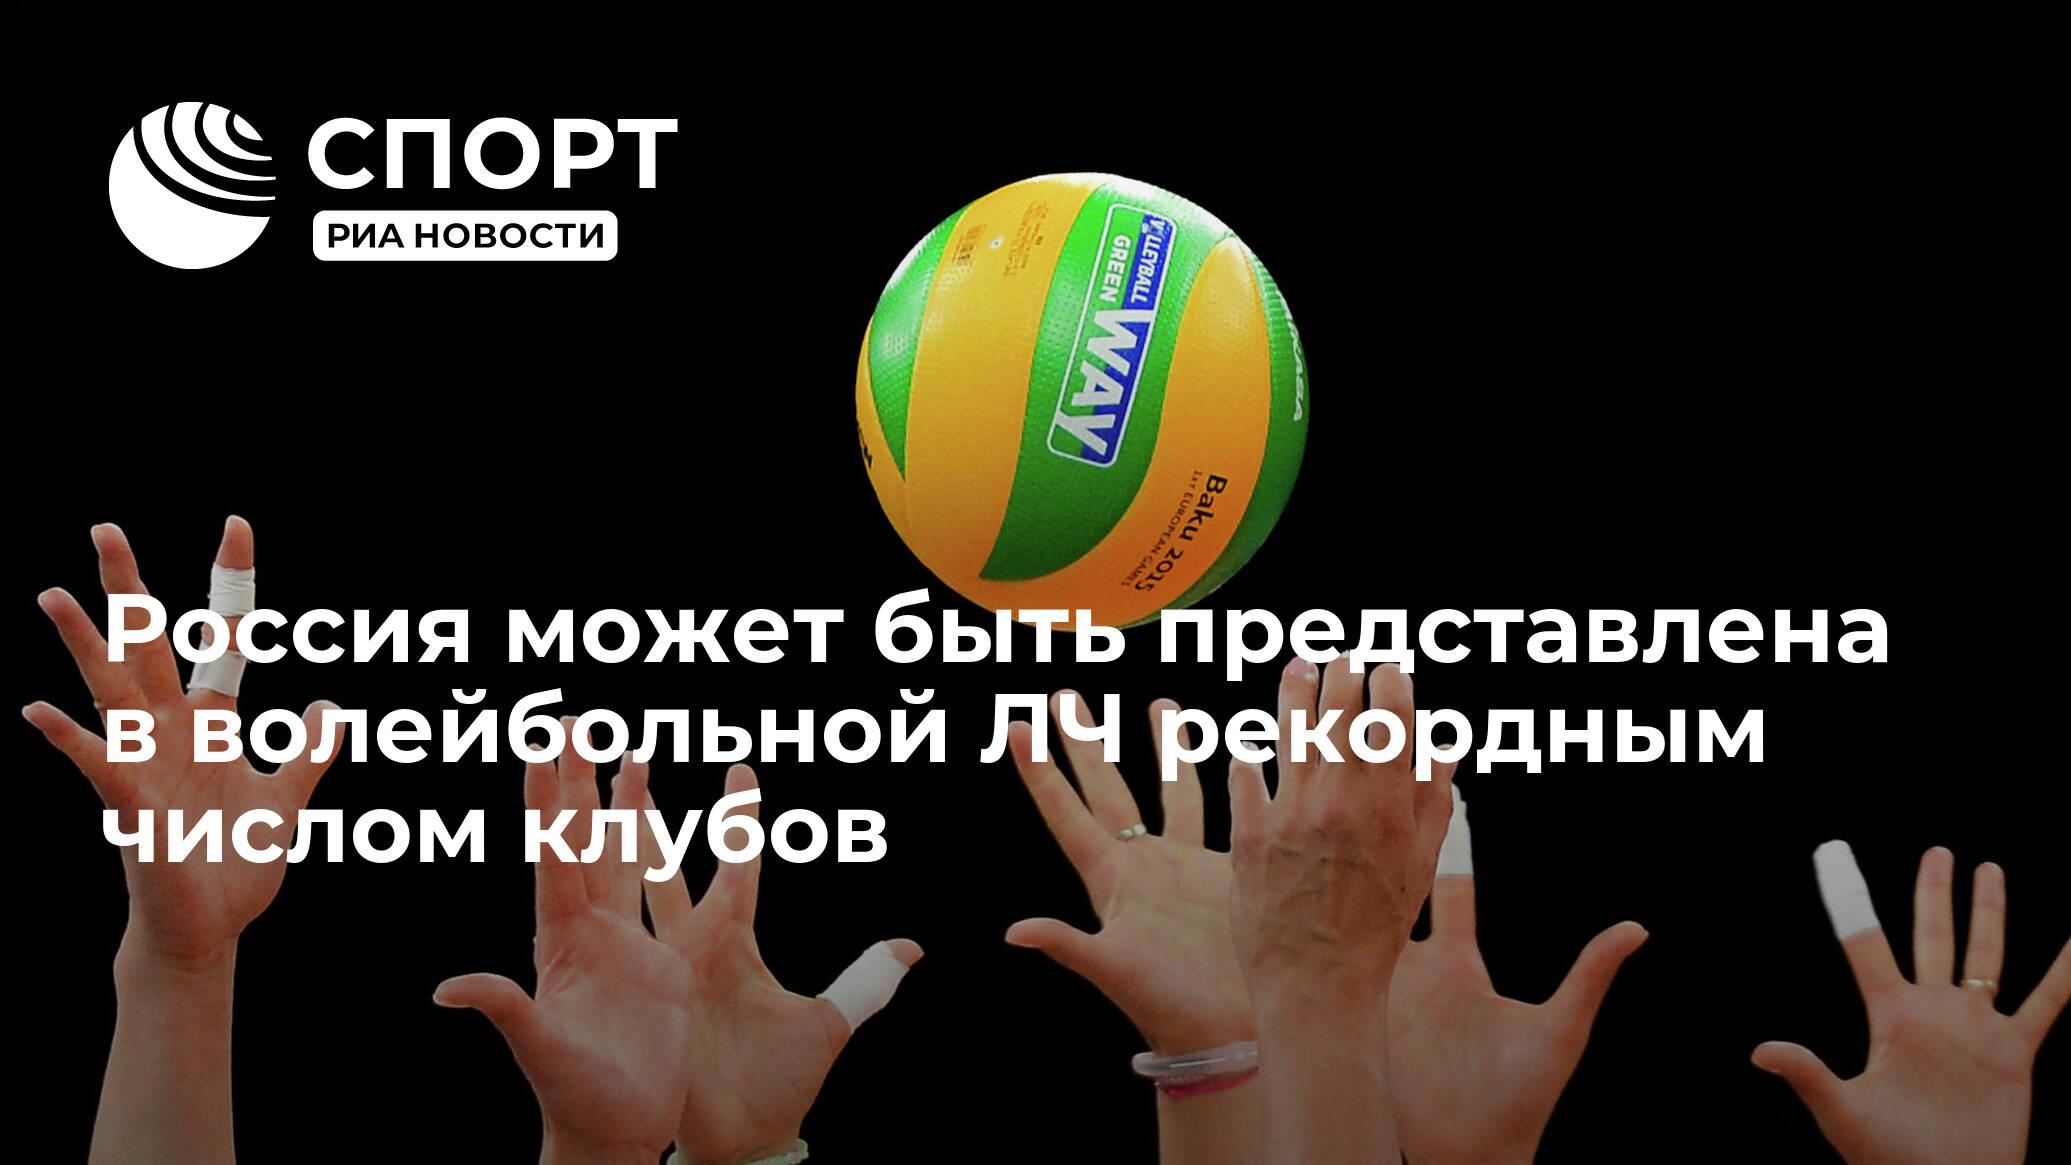 Россия может быть представлена в волейбольной ЛЧ рекордным числом клубов